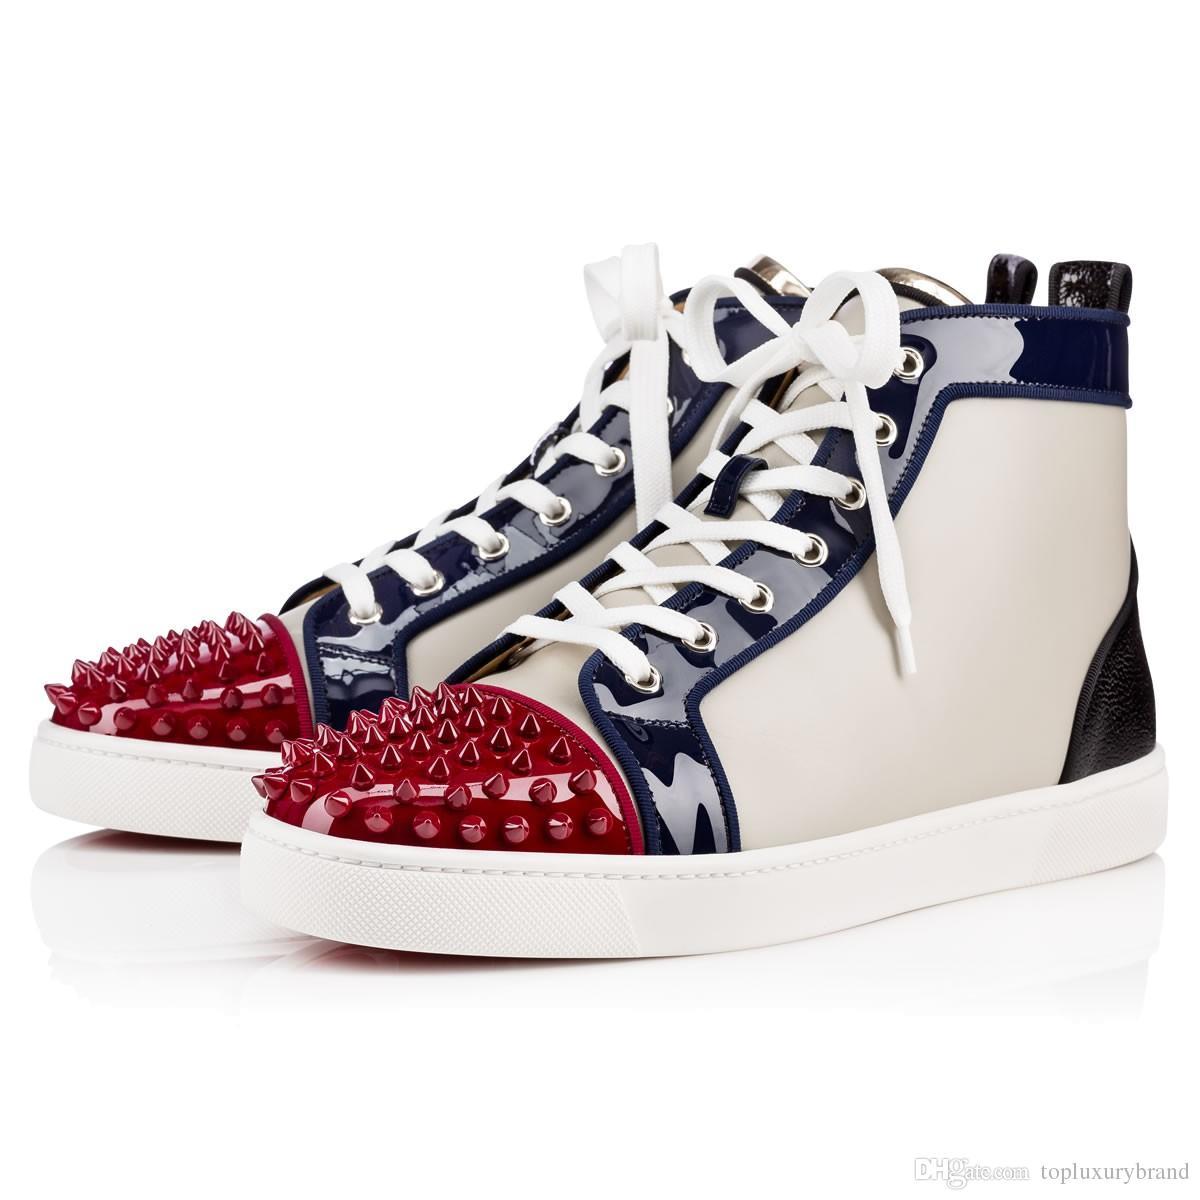 [الأصل المربع] تفضل حزب أحذية فاخرة المسامير الأحمر أسفل حذاء مسطح الرجال عالية أعلى الدانتيل متابعة أزياء الزفاف هدية عيد ميلاد